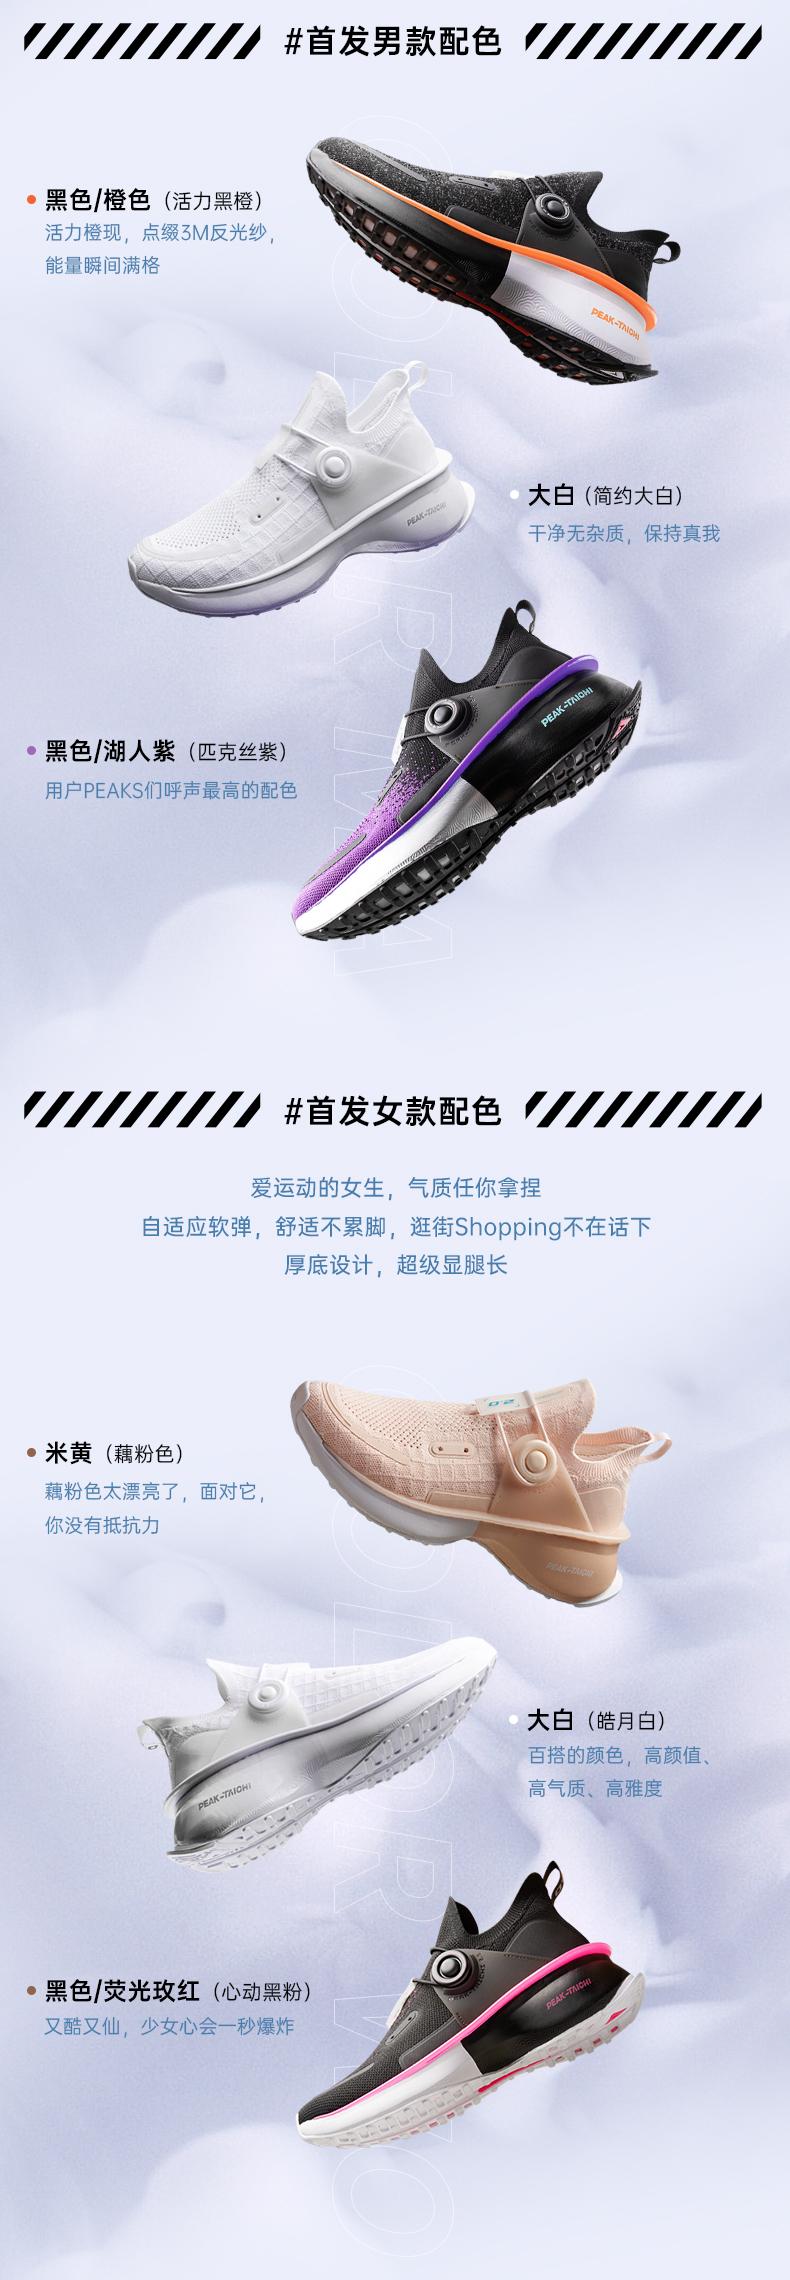 匹克态极2.0 男女跑步鞋 一体式鞋面 超软中底 图7